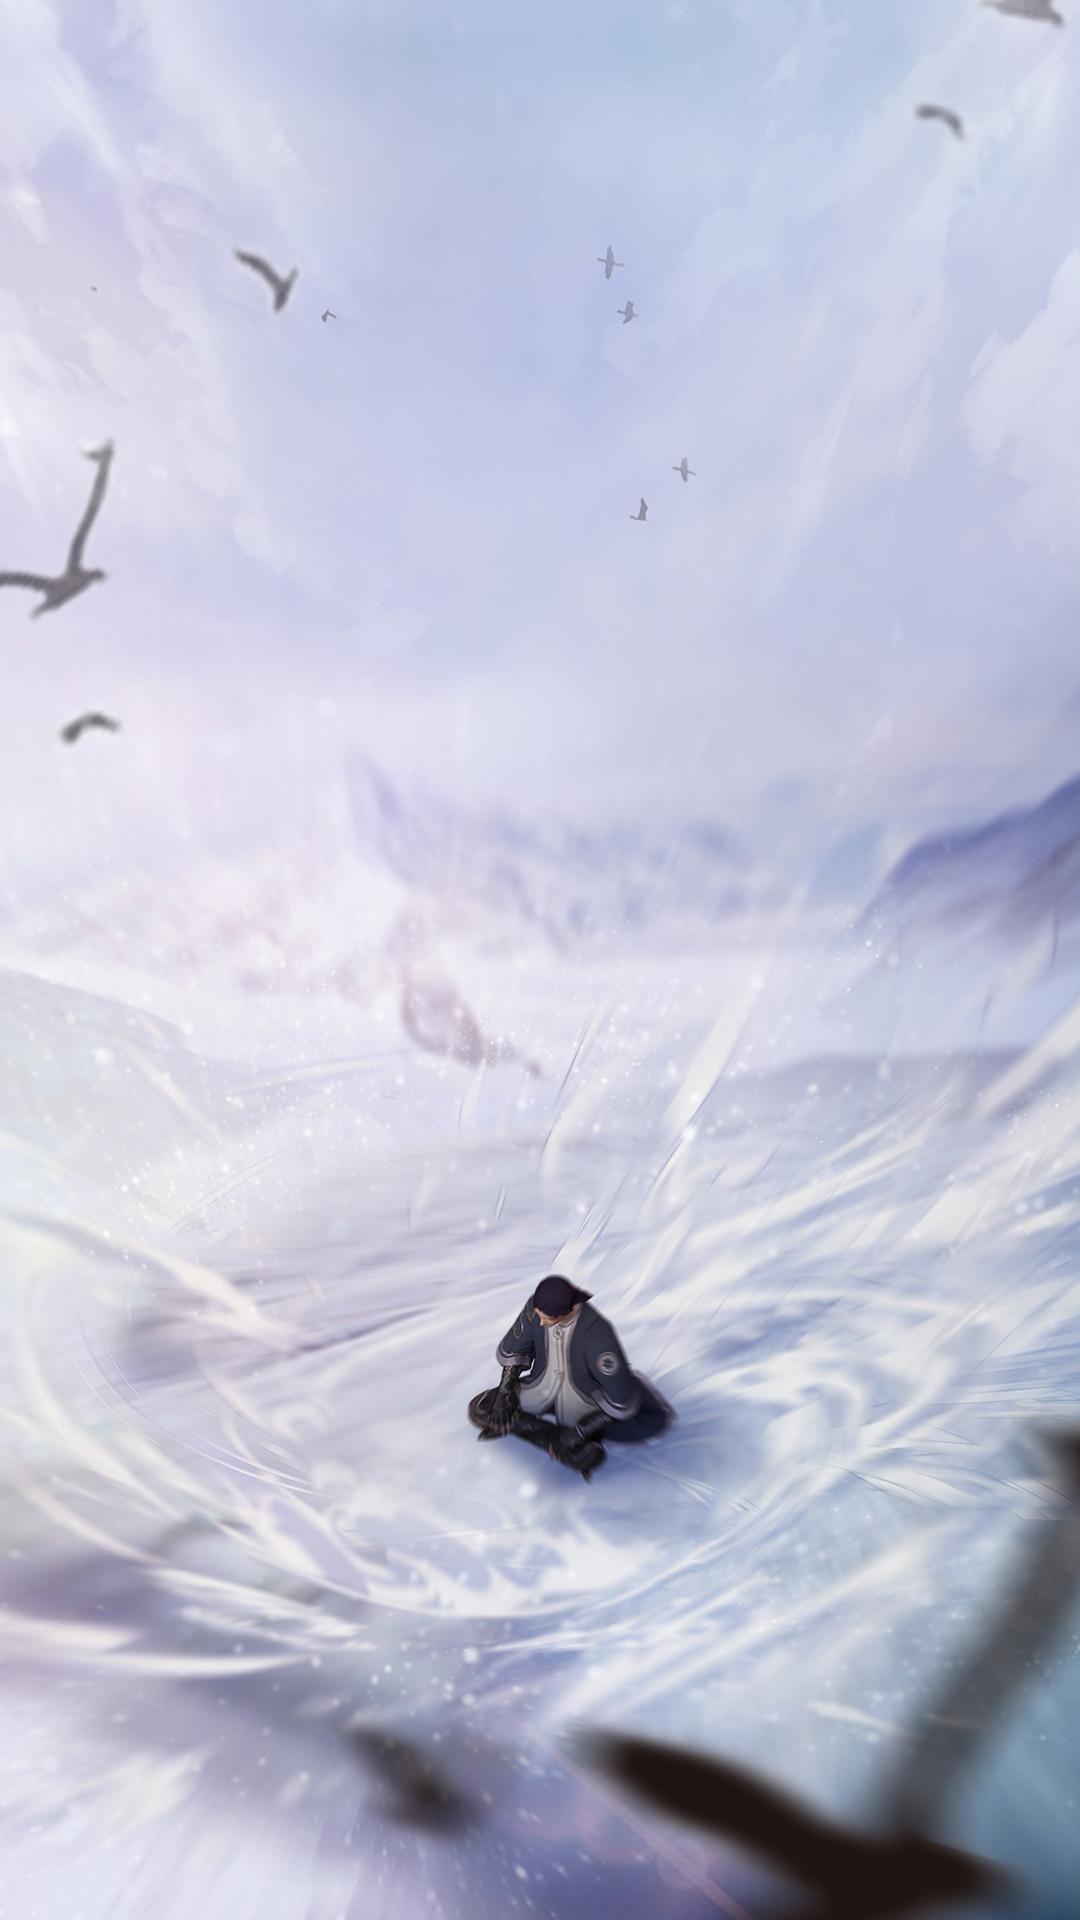 堕玄师壁纸丨静坐天地间,玄入淬体境